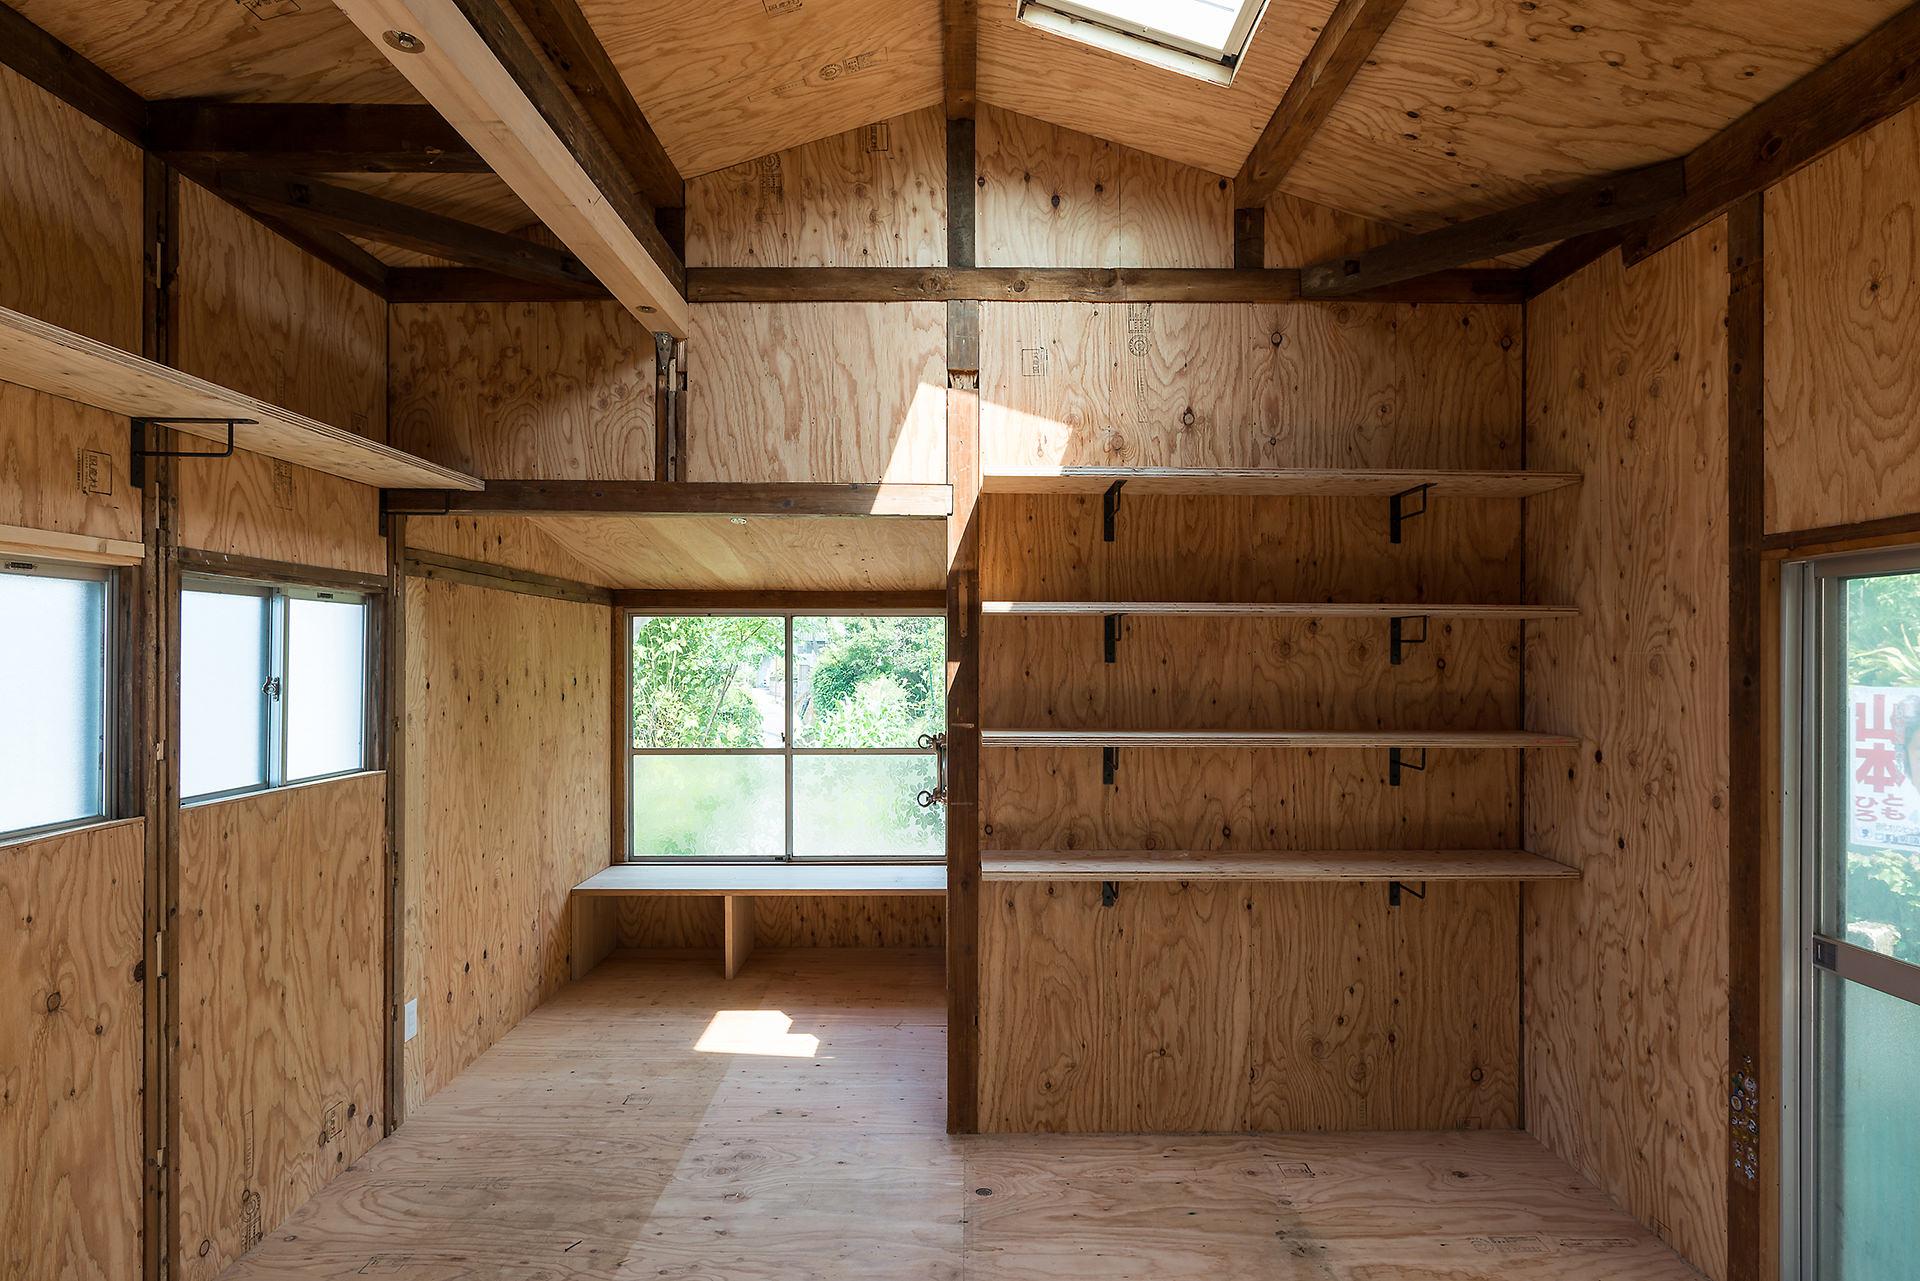 小屋と吹き抜けのある家 イメージ09 撮影:東涌宏和